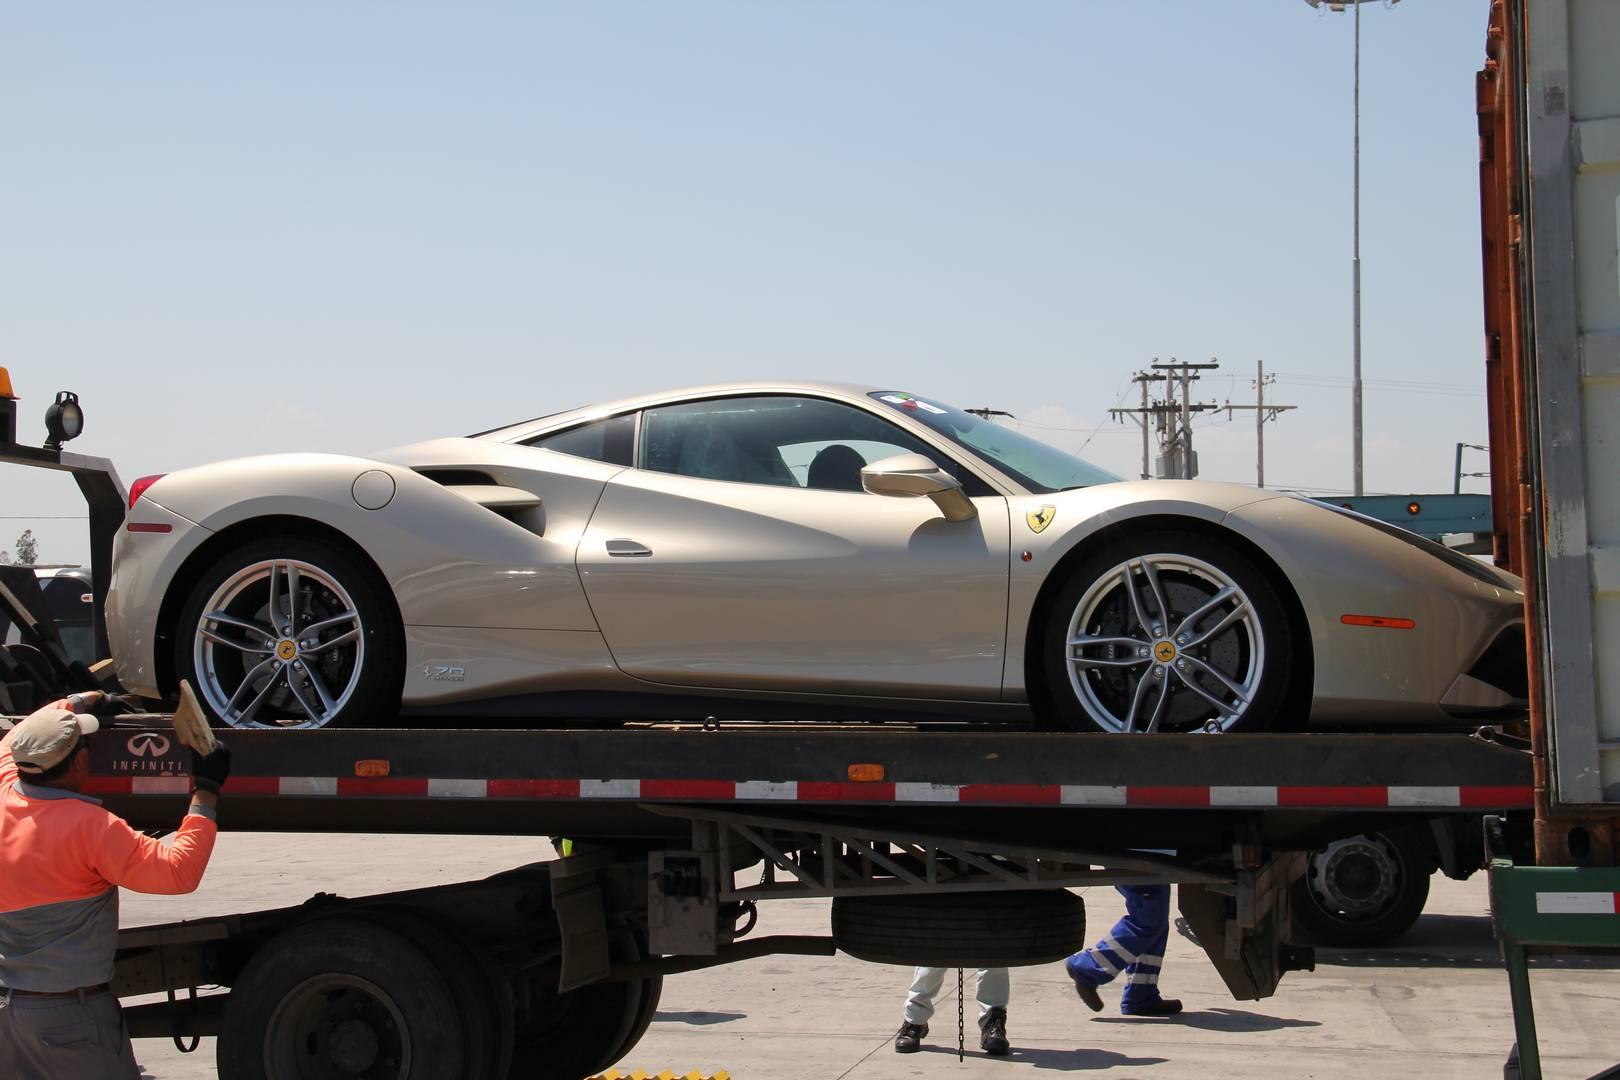 Коллекция в честь 70-летнего юбилея нацелена на самых важных клиентов Ferrari. Один такой клиент из Чили, и он поделился с нами своей историей.